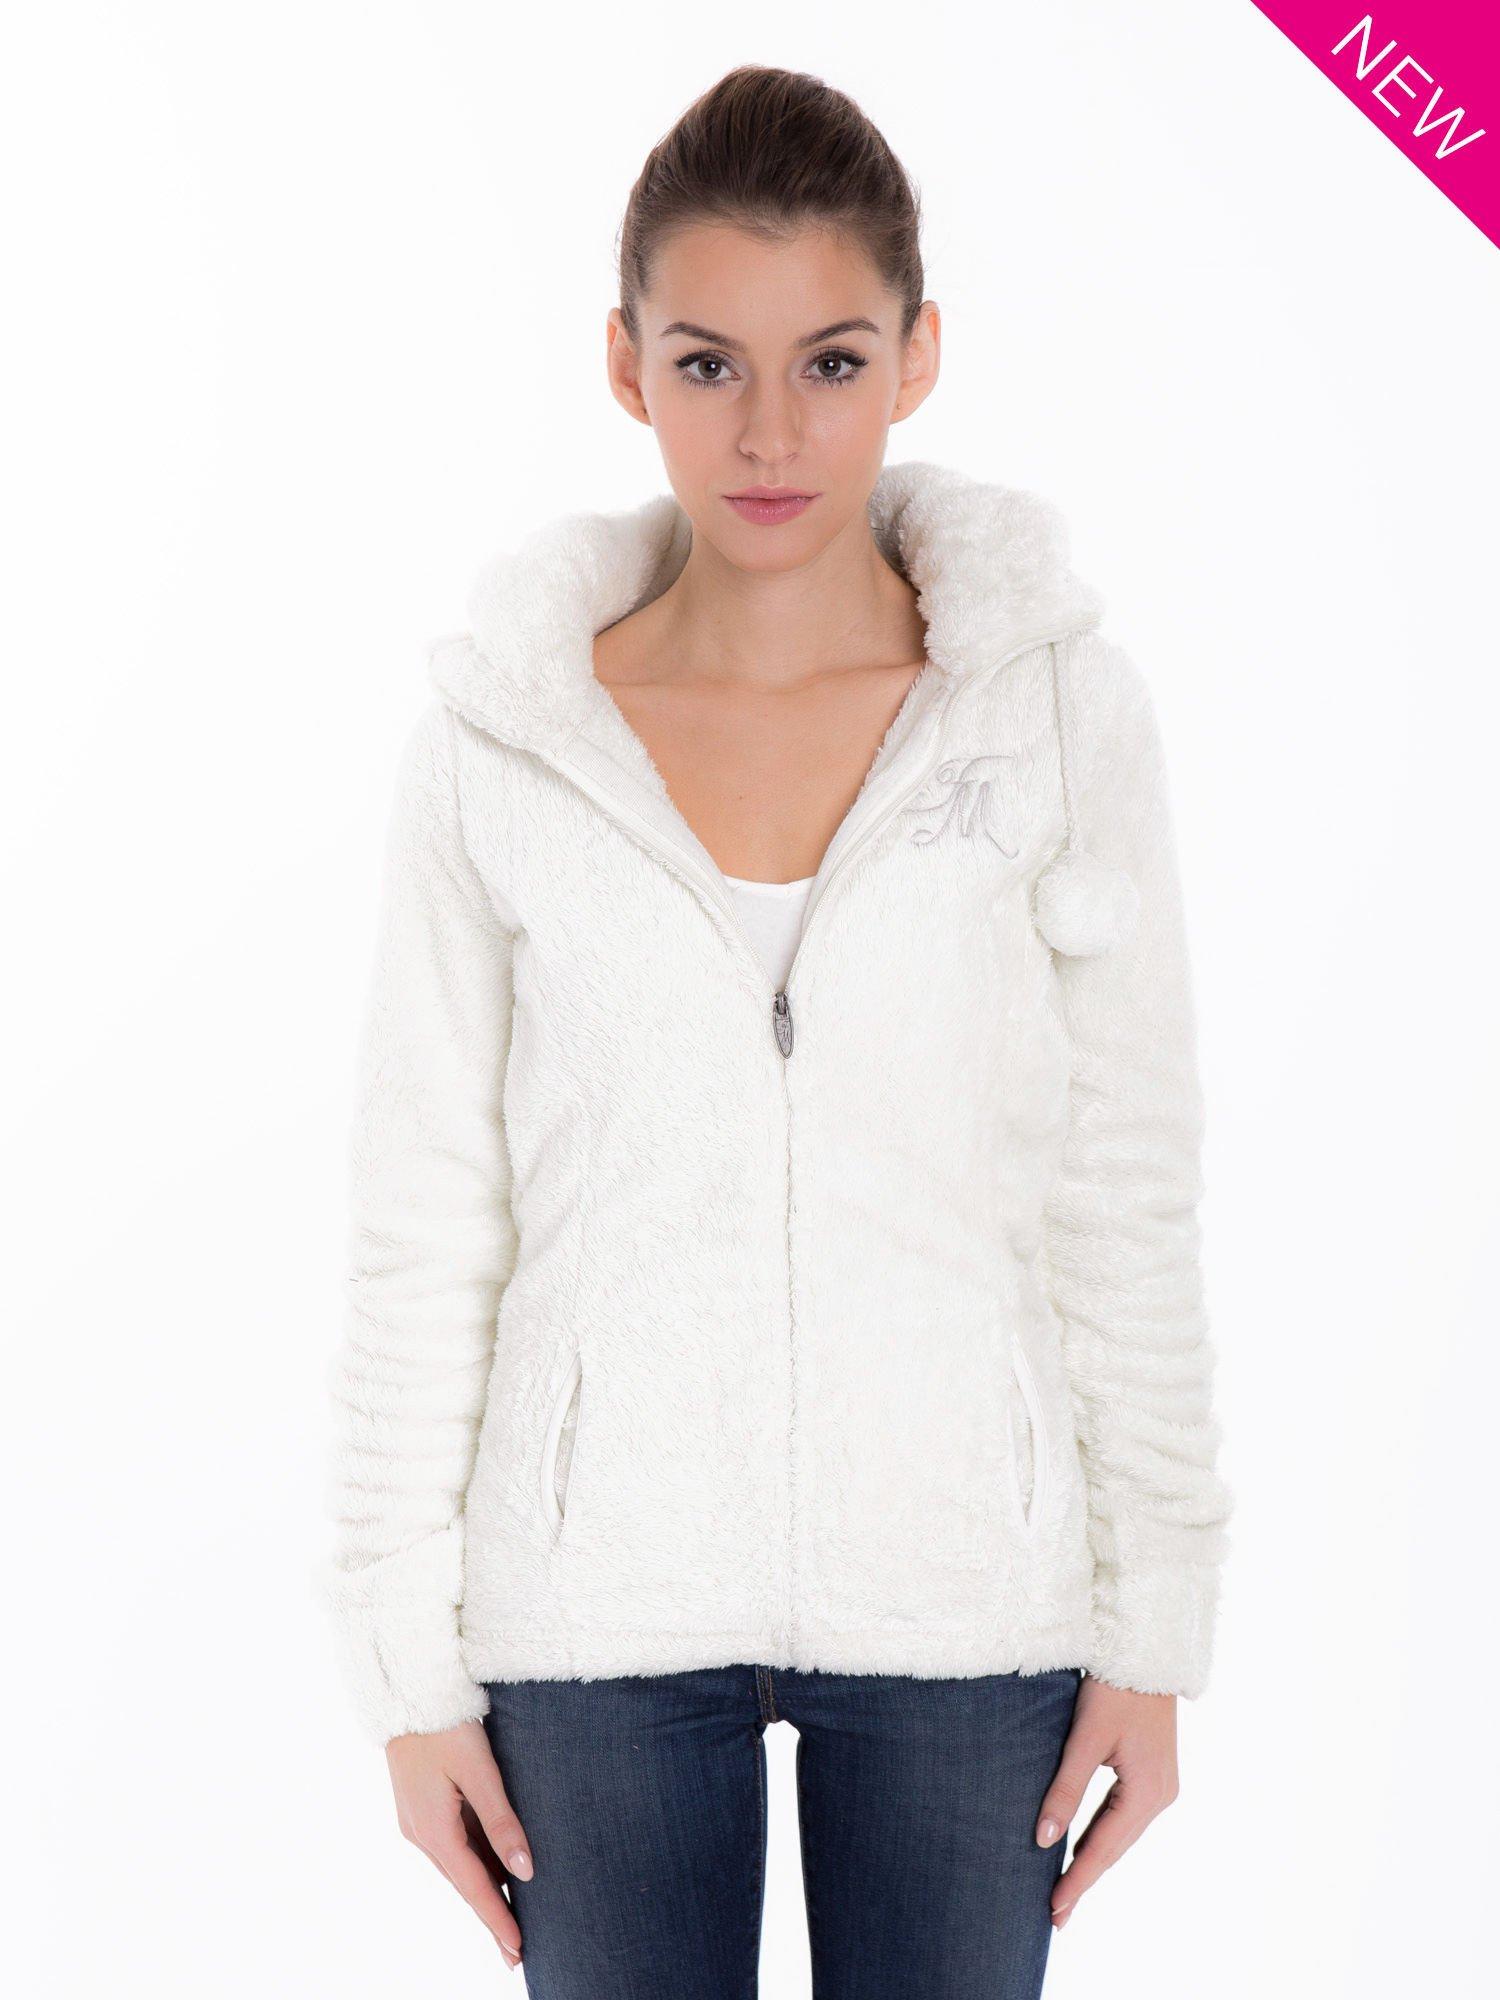 Biała bluza polarowa z kapturem z pomponikami                                  zdj.                                  2